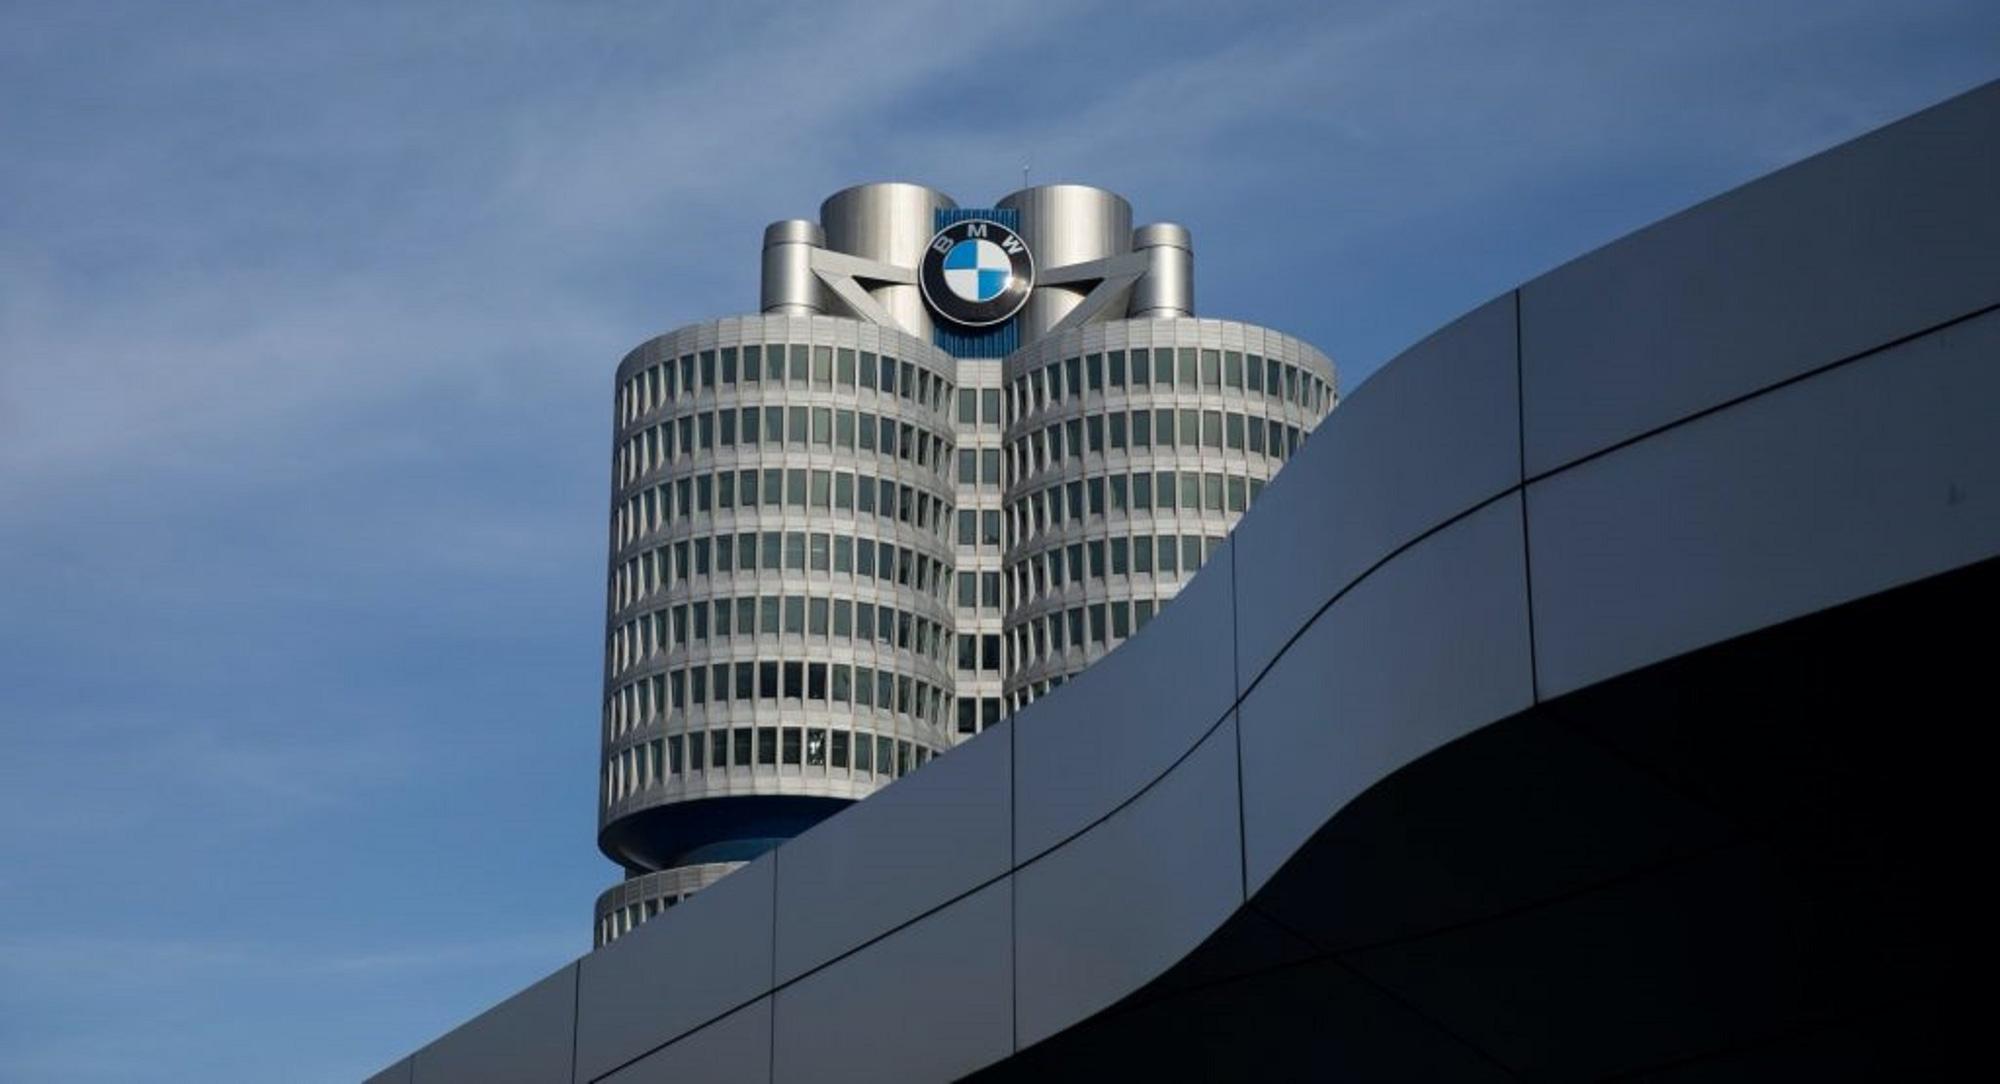 Sau Hyundai, một nhân viên của BMW lại dương tính với virus Covid - 19 - Ảnh 1.